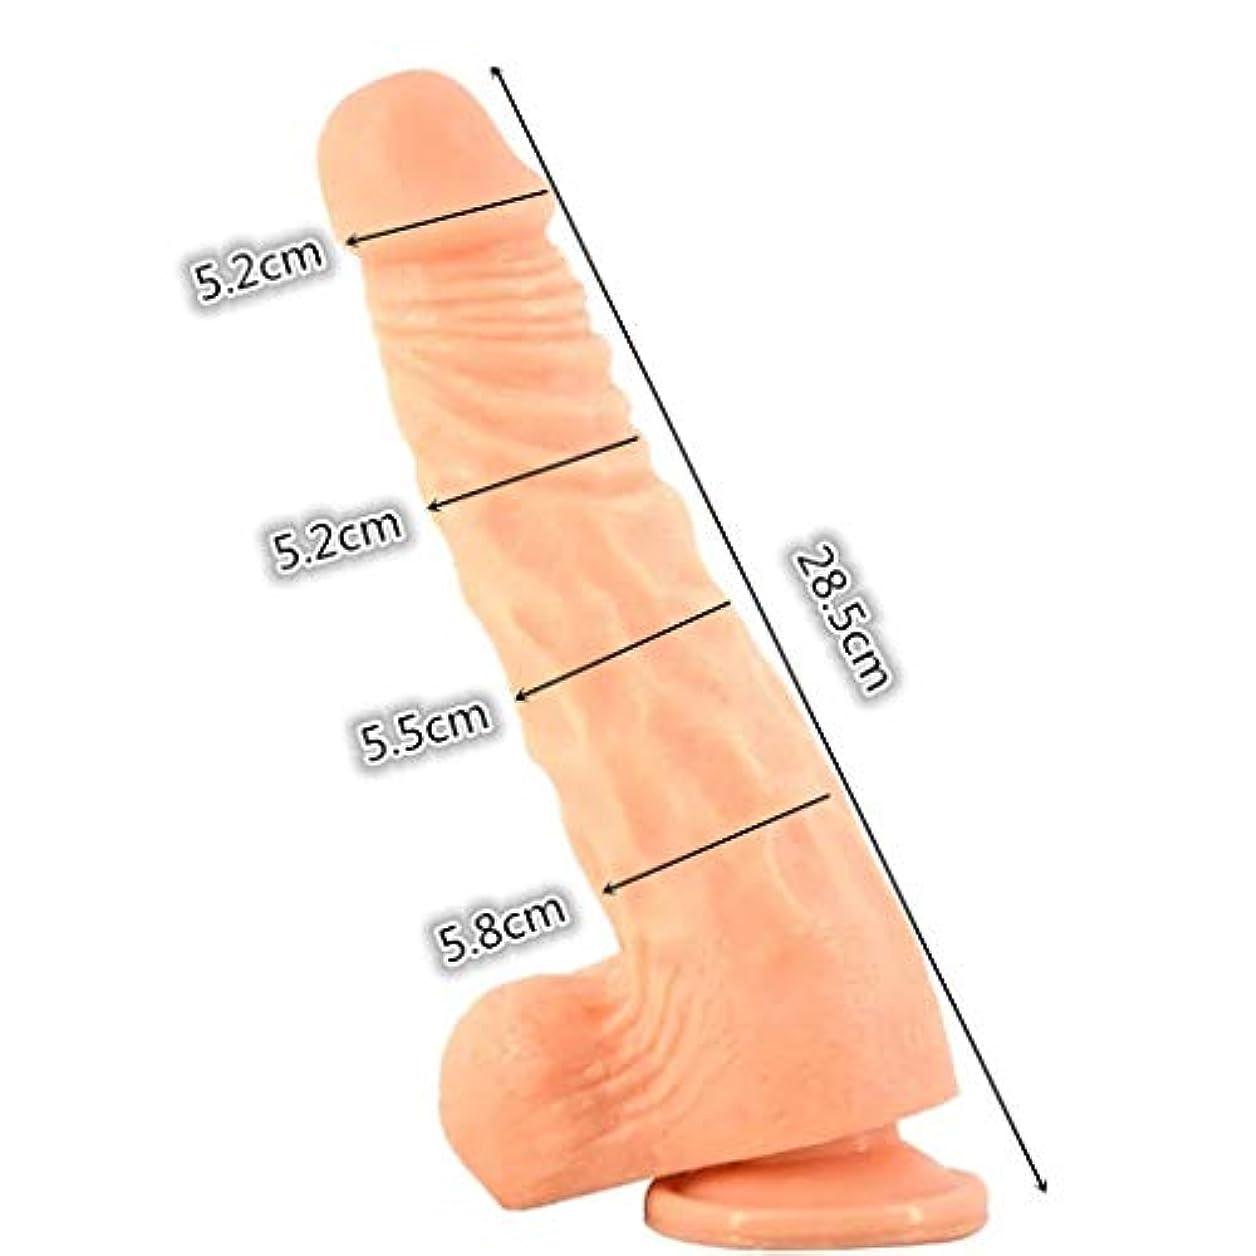 自信があるおかしい試験PLL ブラウンメディカルシリコーン人工ペニス11.22インチユニバーサルアナルプラグG-ポイント刺激マッサージスティックのために男性と女性簡単に運ぶために ジーパン